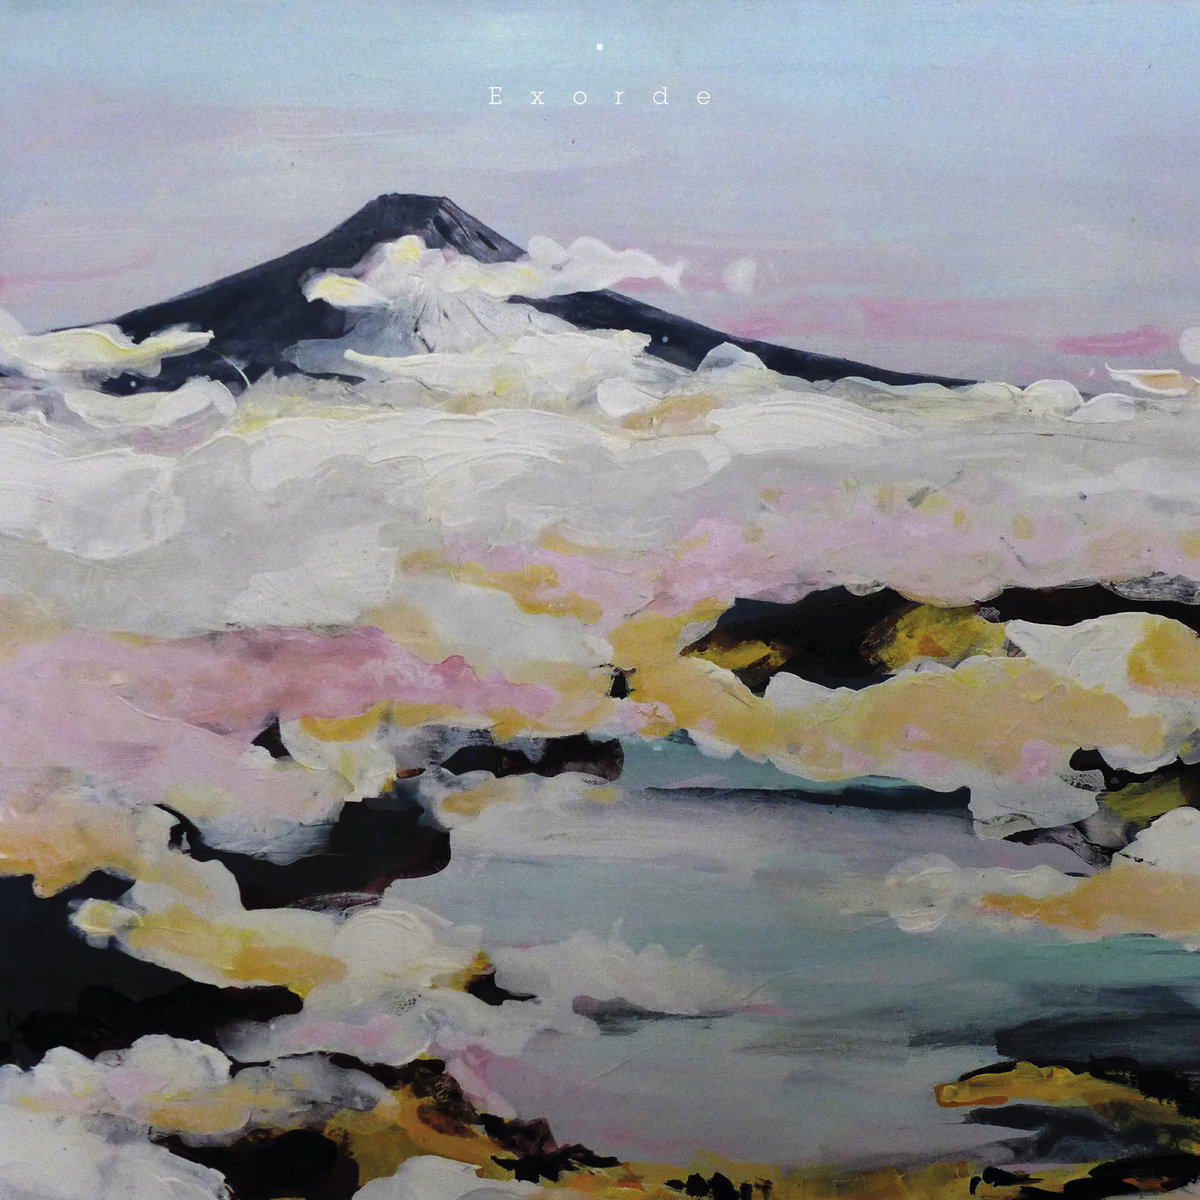 Montagne - Exorde [EP] (2017)